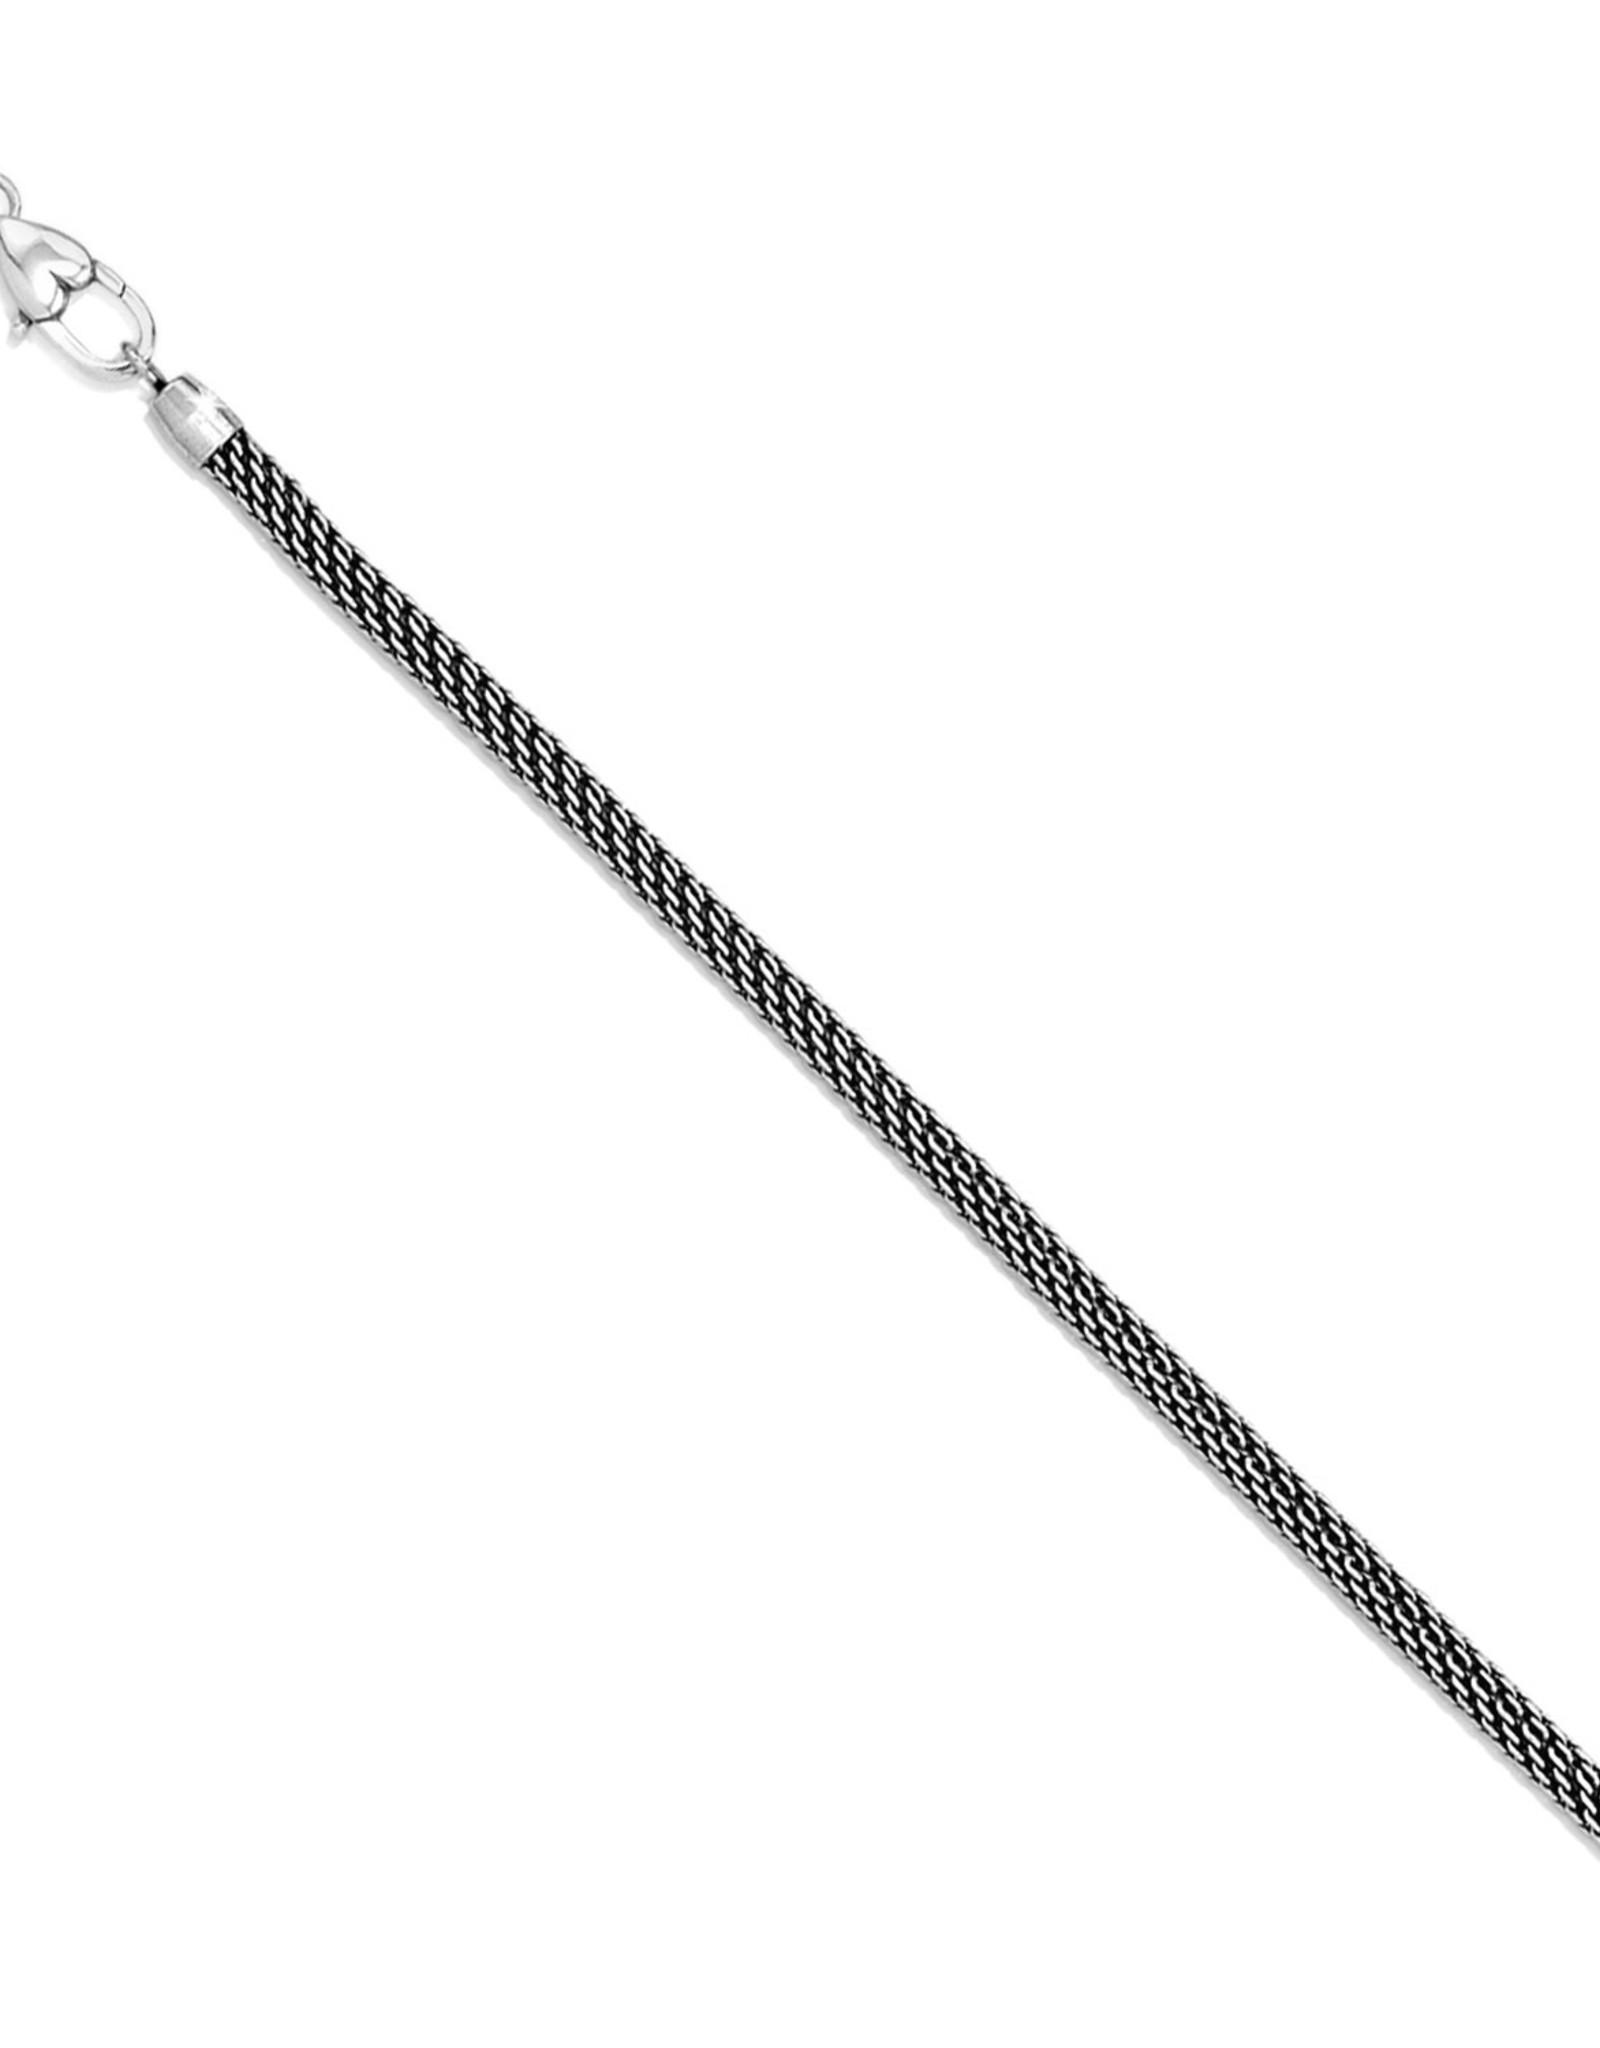 Brighton Brighton, Beverly Glam Charm Bracelet, 7 1/4